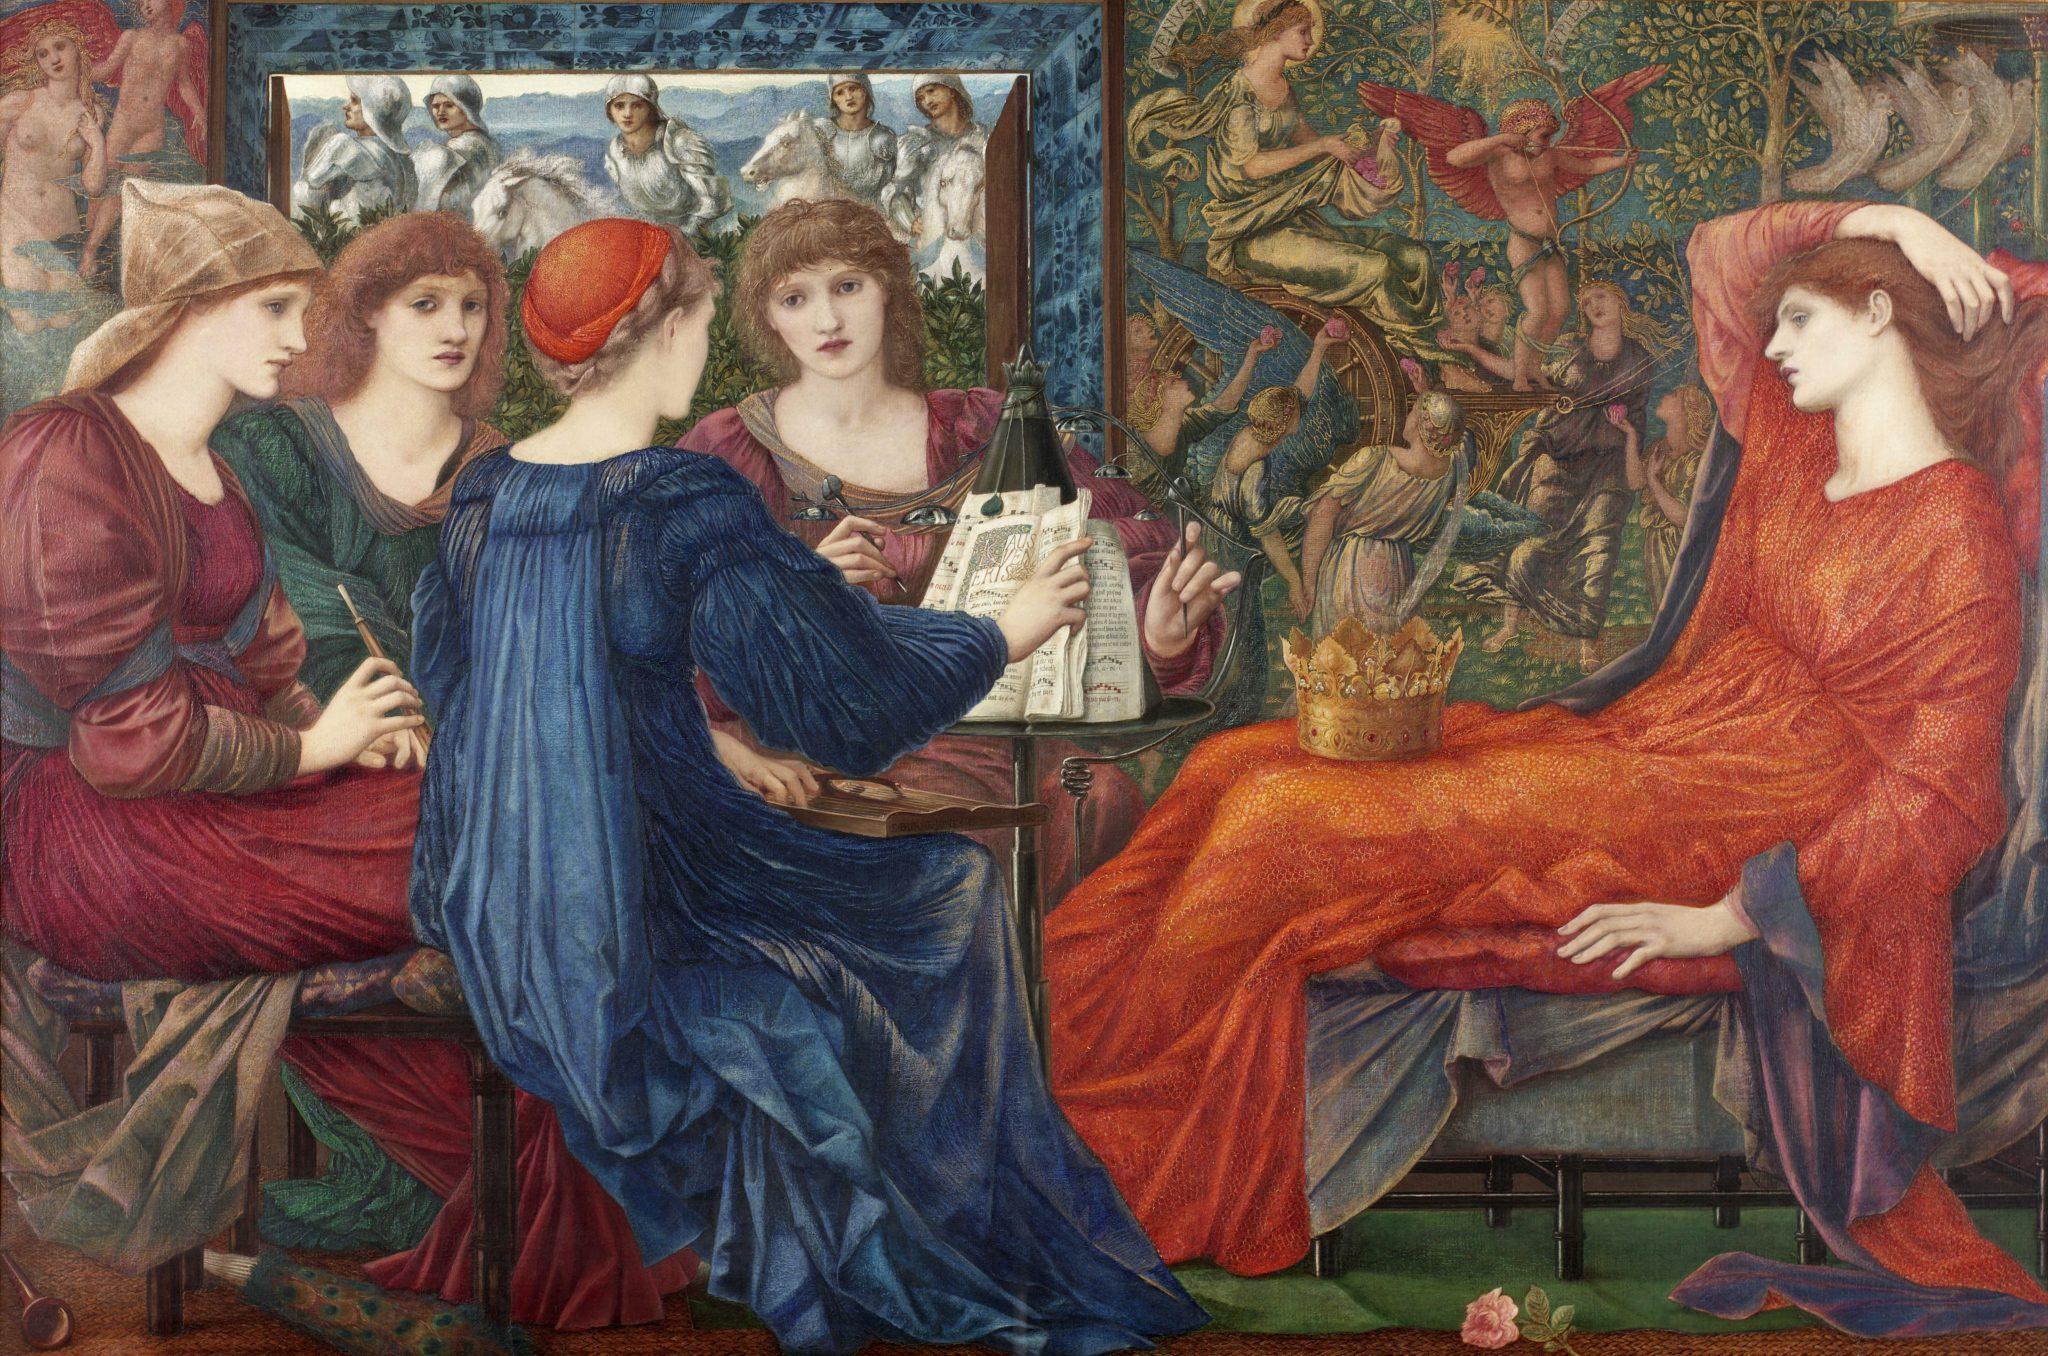 Edward Burne-Jones e Anni Albers, alla Tate trame d'artista in mostra